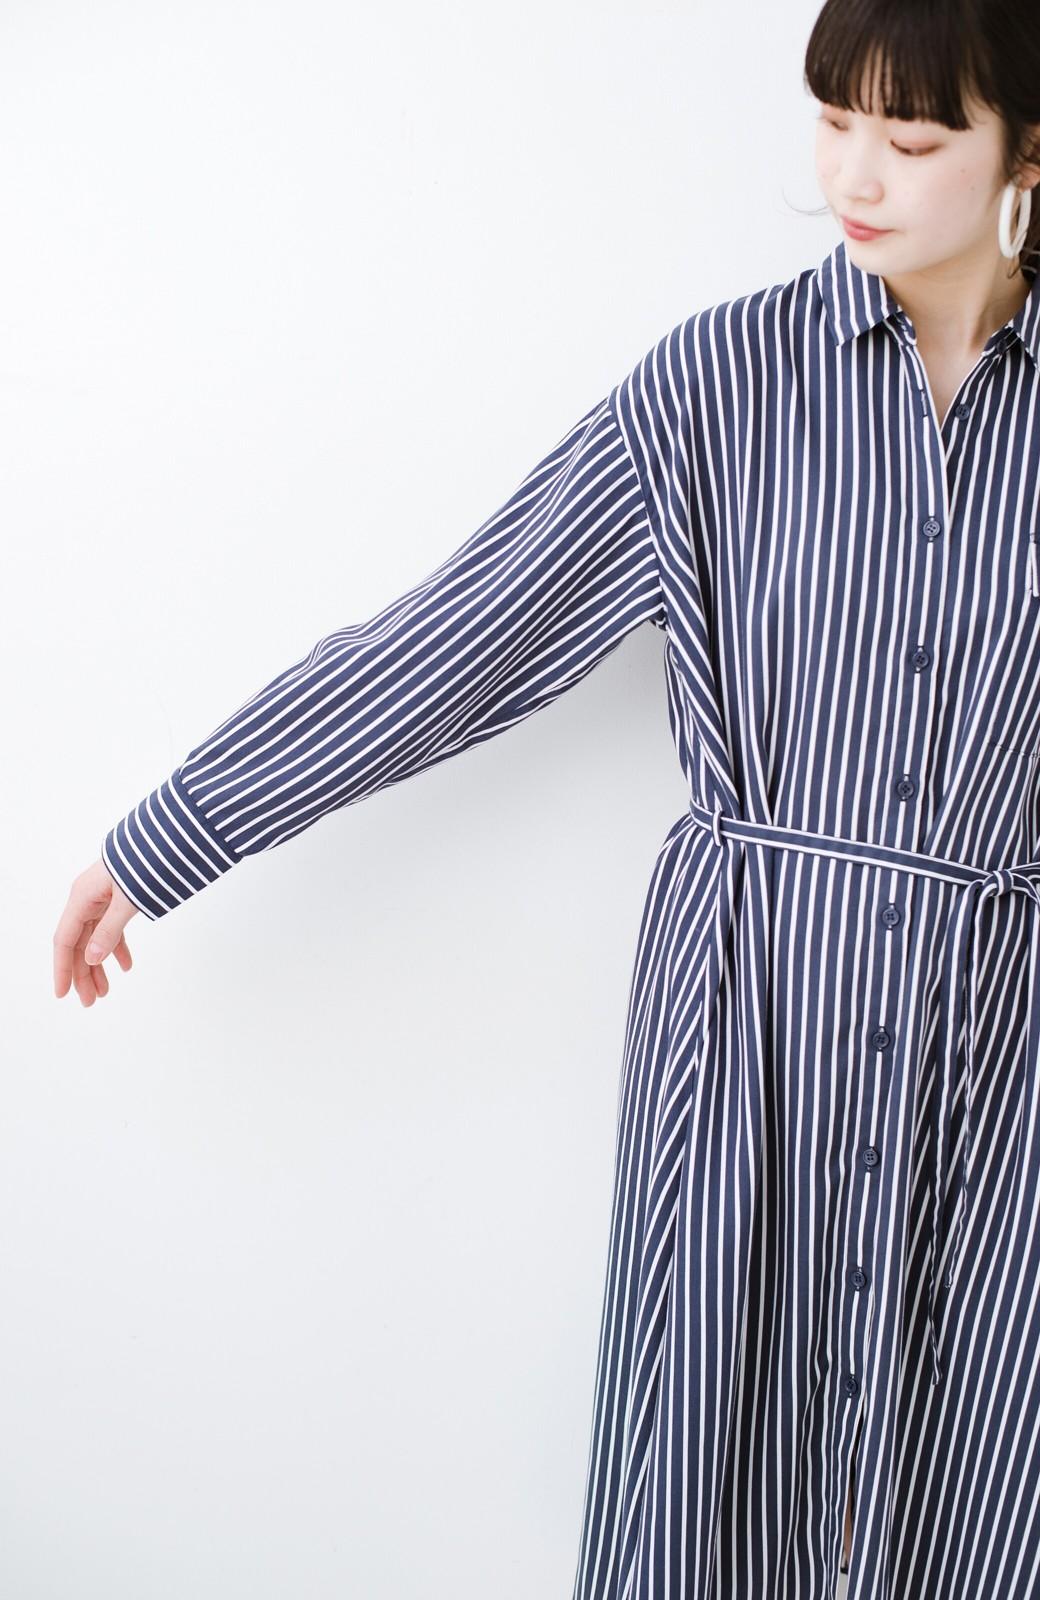 haco! 長ーーい季節着られる! 単品づかいはもちろん重ね着も楽しいシャツワンピース  <ネイビー>の商品写真9